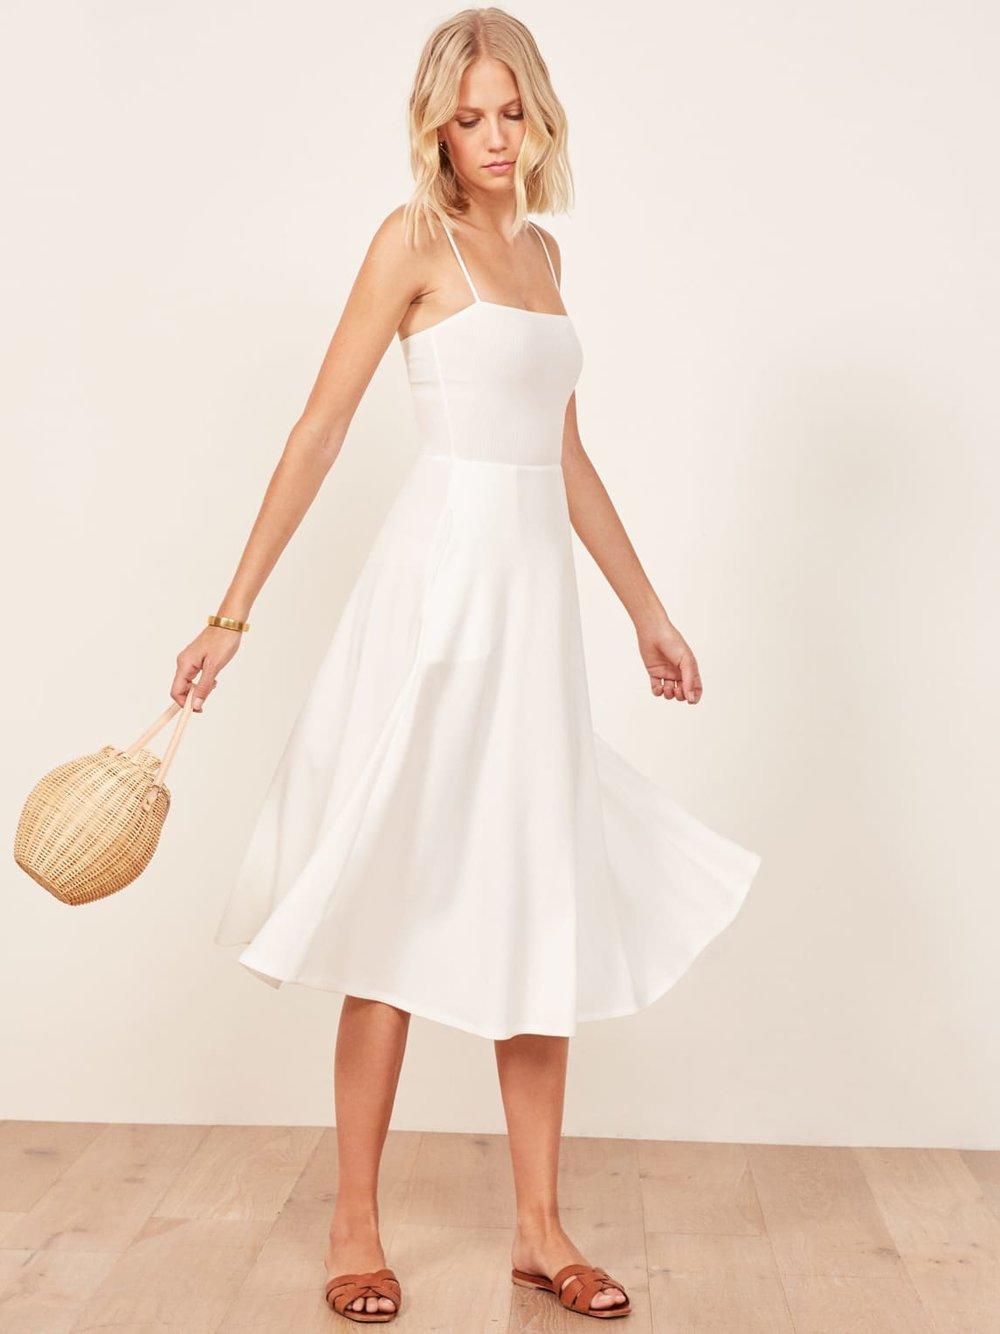 ref bettie dress.jpg